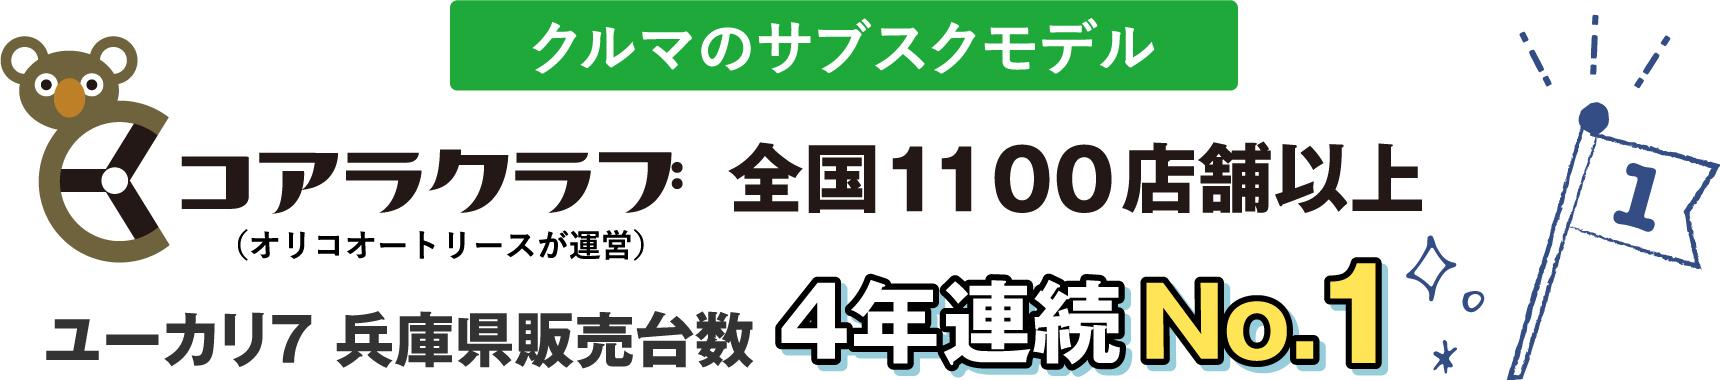 コアラクラブ(オートリースが運営)は全国1100以上の店舗があり、ユーカリ7兵庫県販売台数4年連続No.1